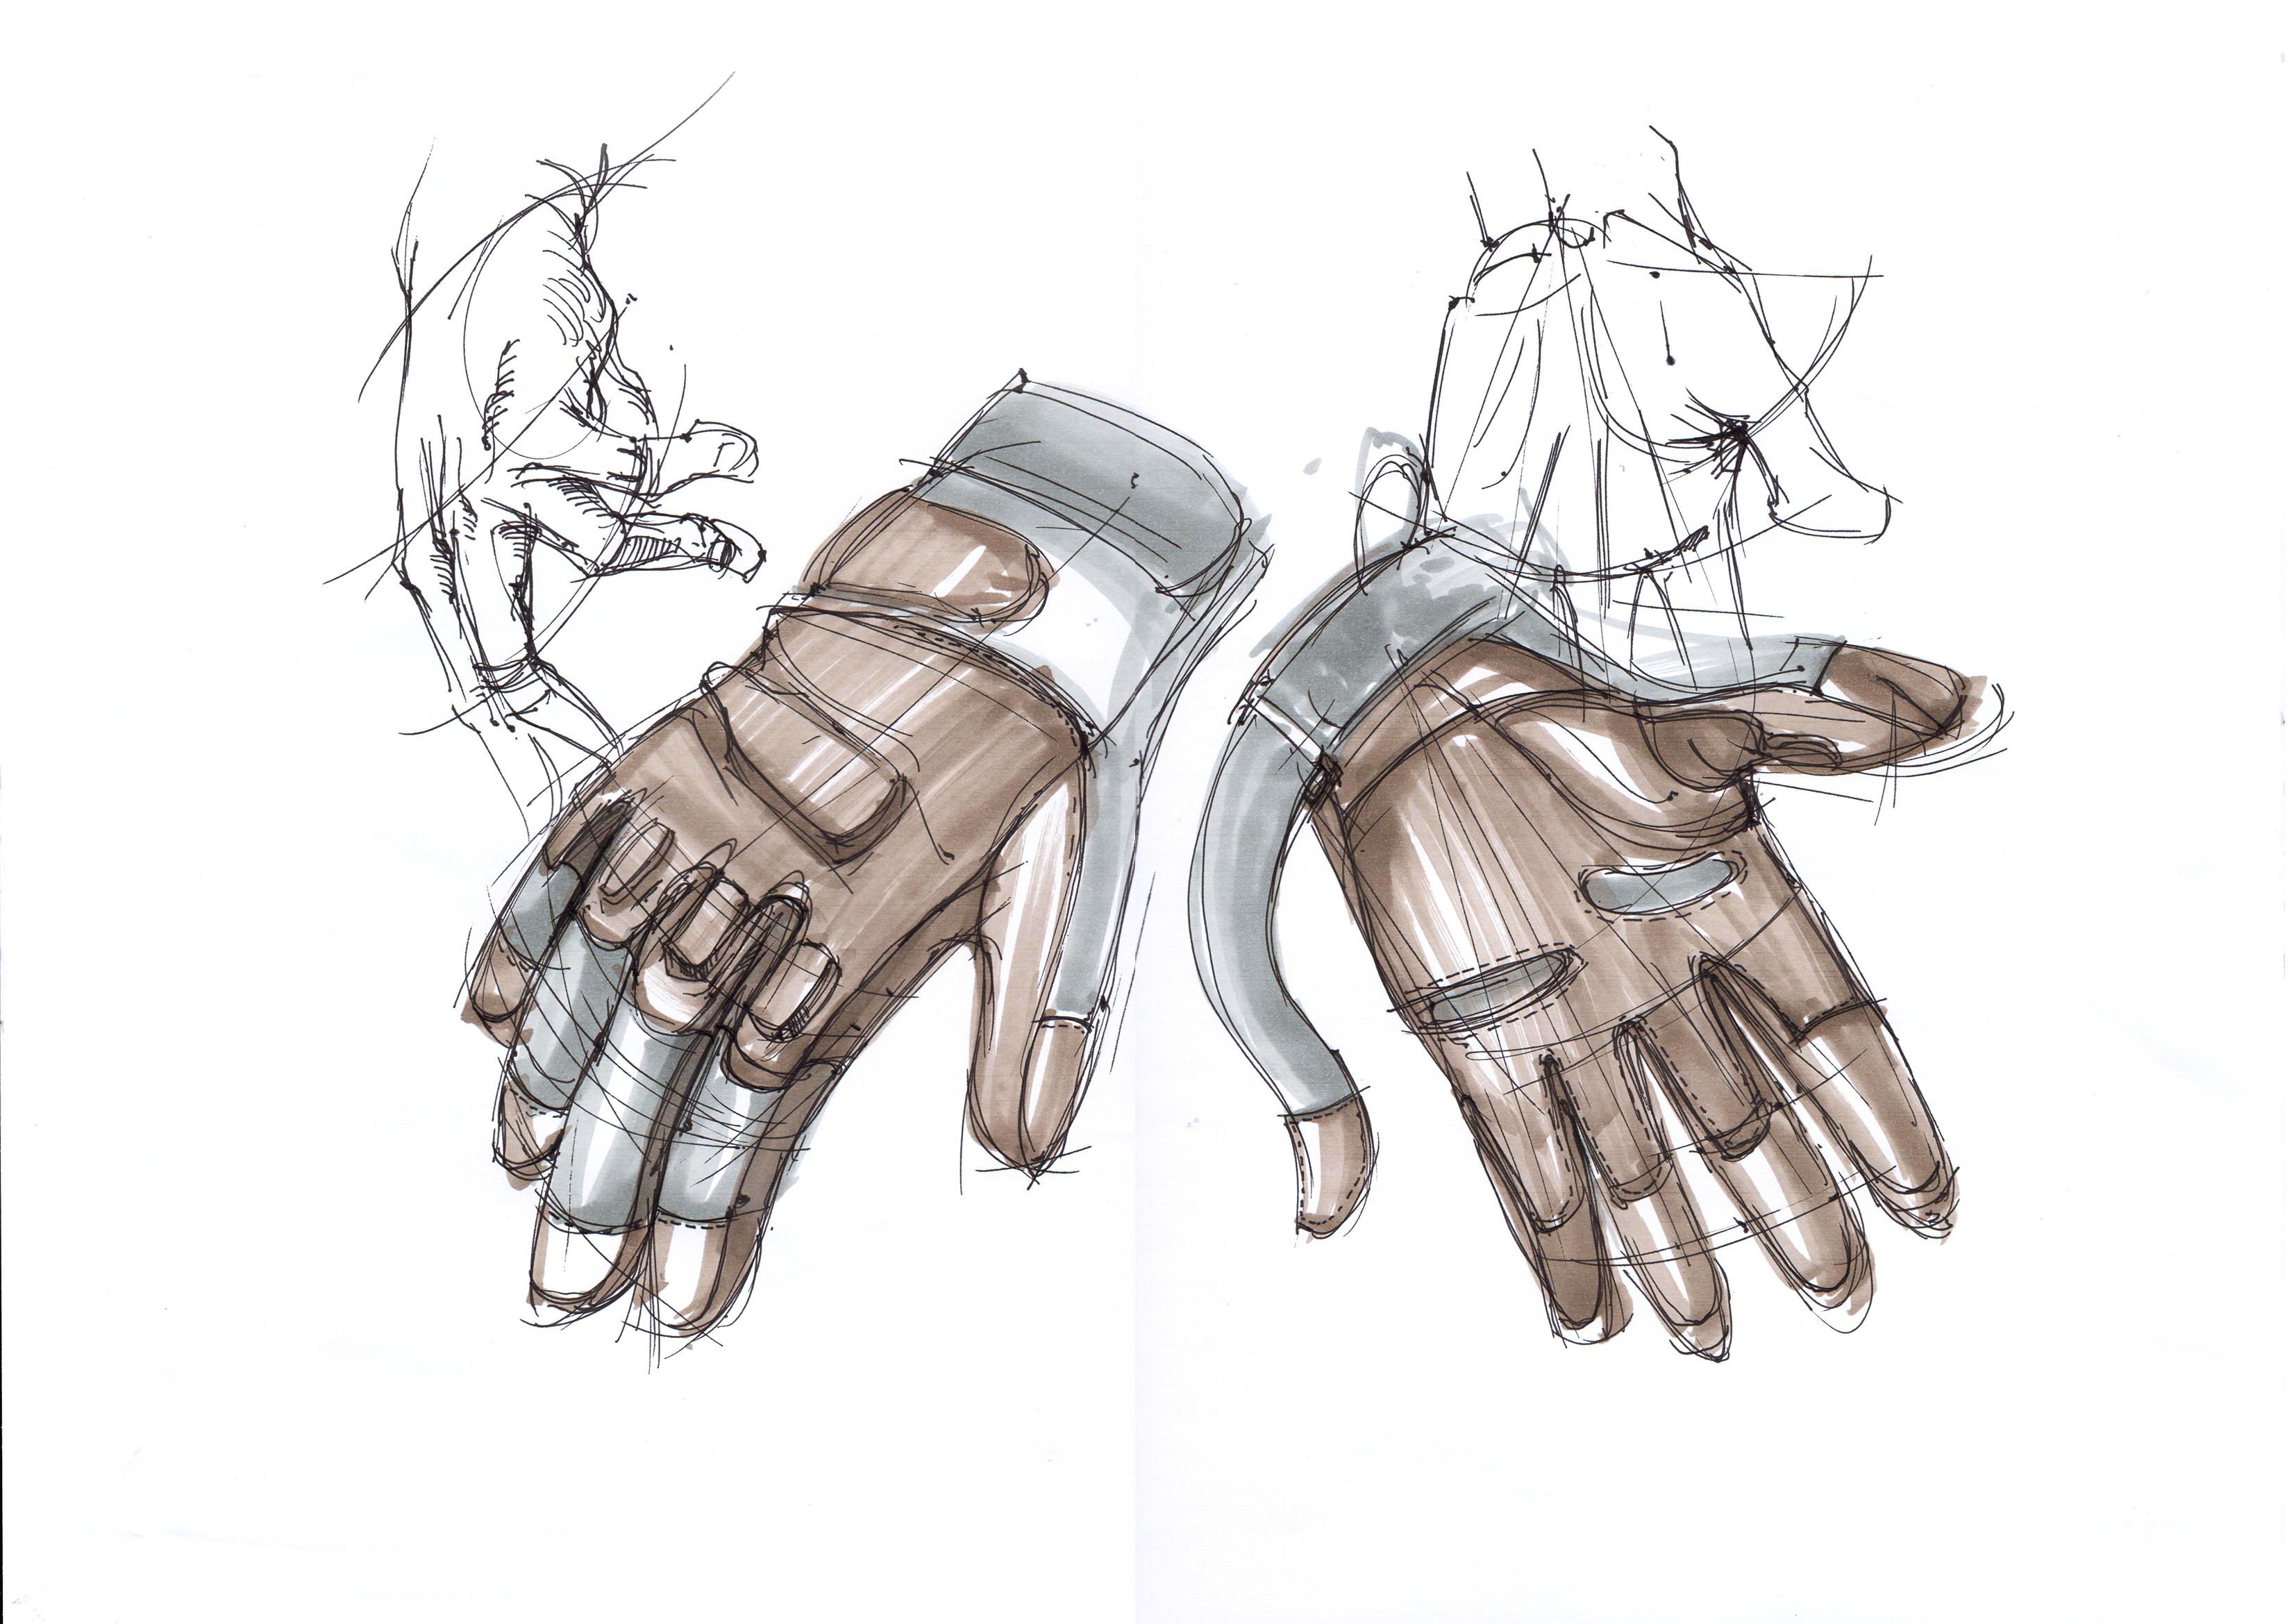 运动手套 产品设计手绘线稿与上色